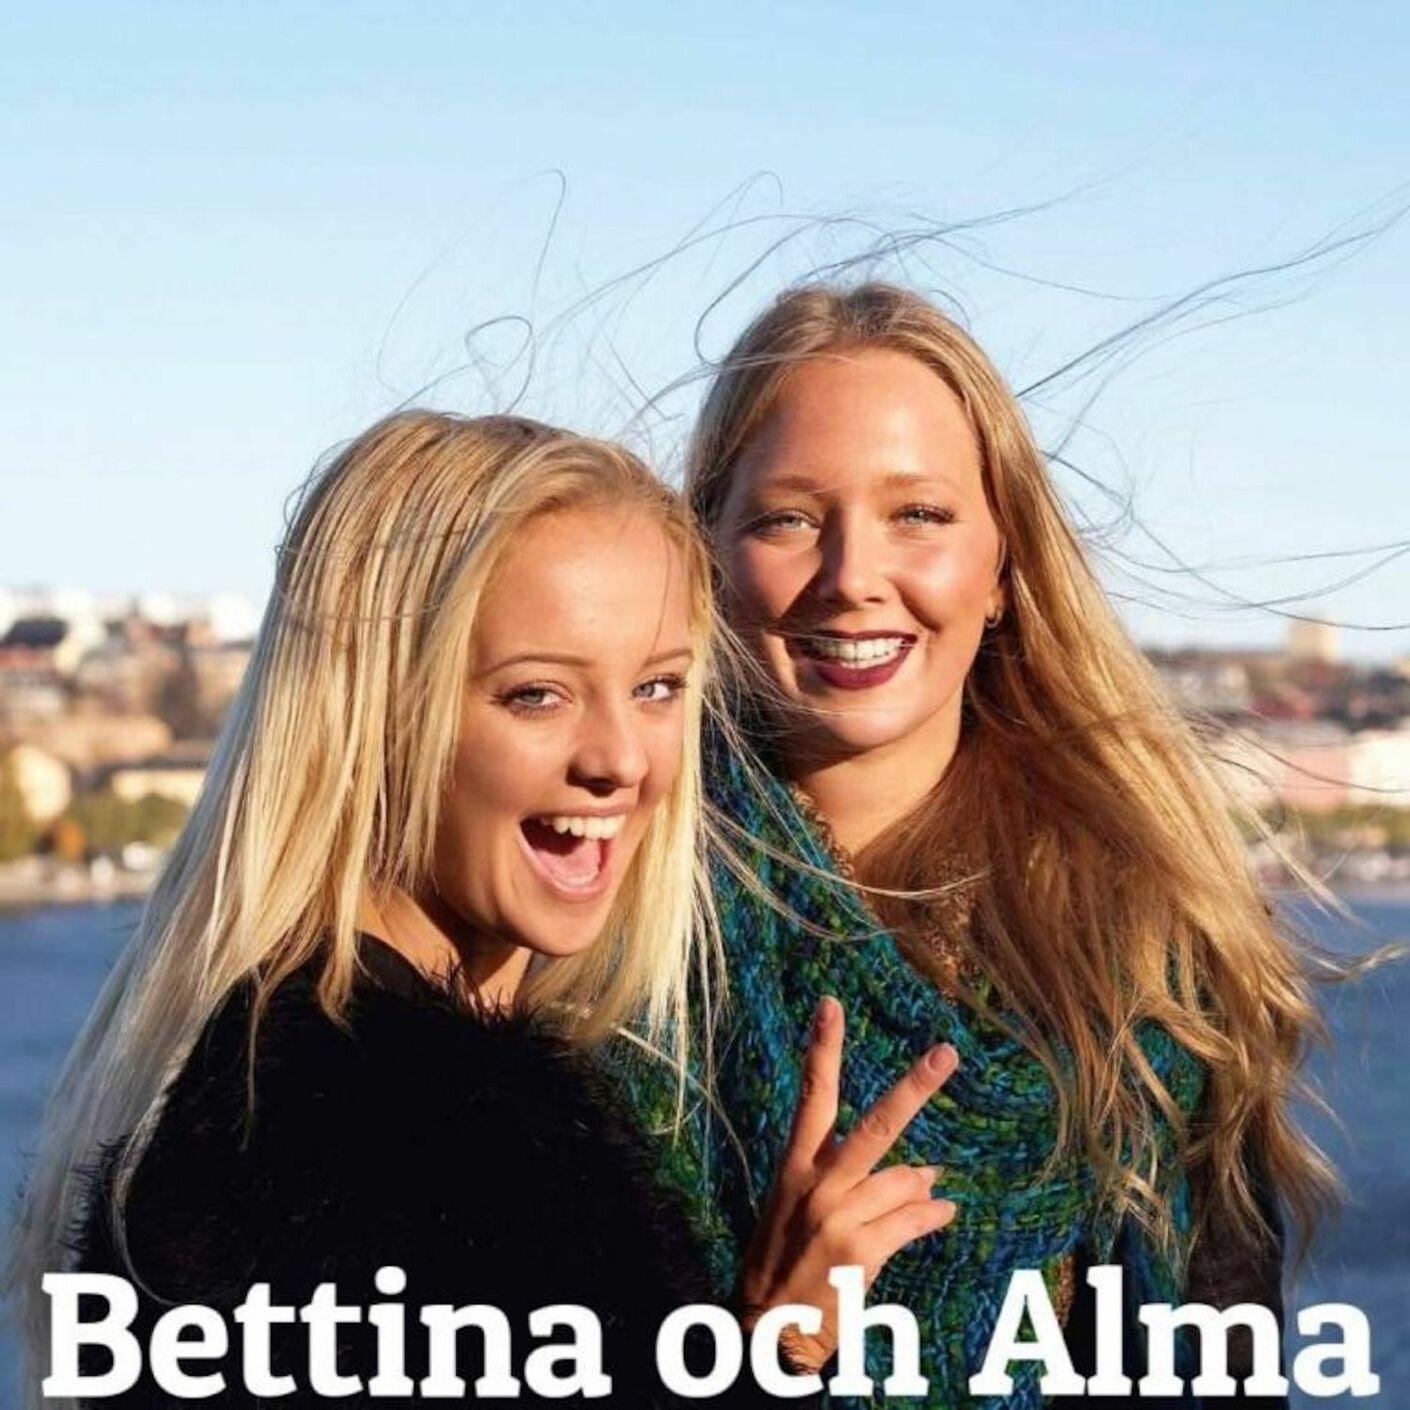 Bettina och Alma